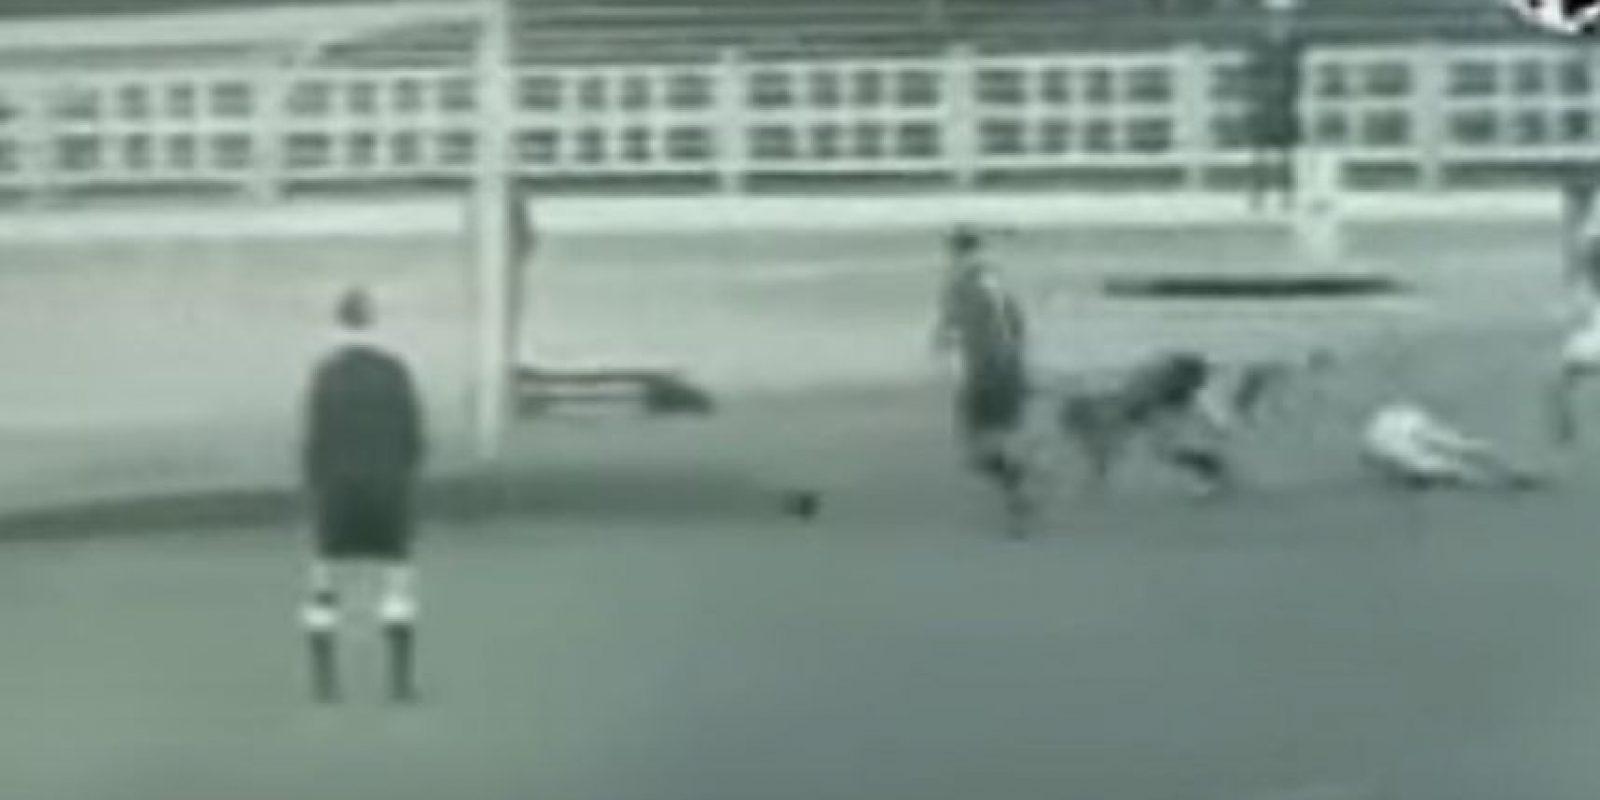 Los belgas Rik Coppens y Pieters inventaron la jugada en un partido contra Islandia, previo al Mundial de 1952 Foto:Twitter